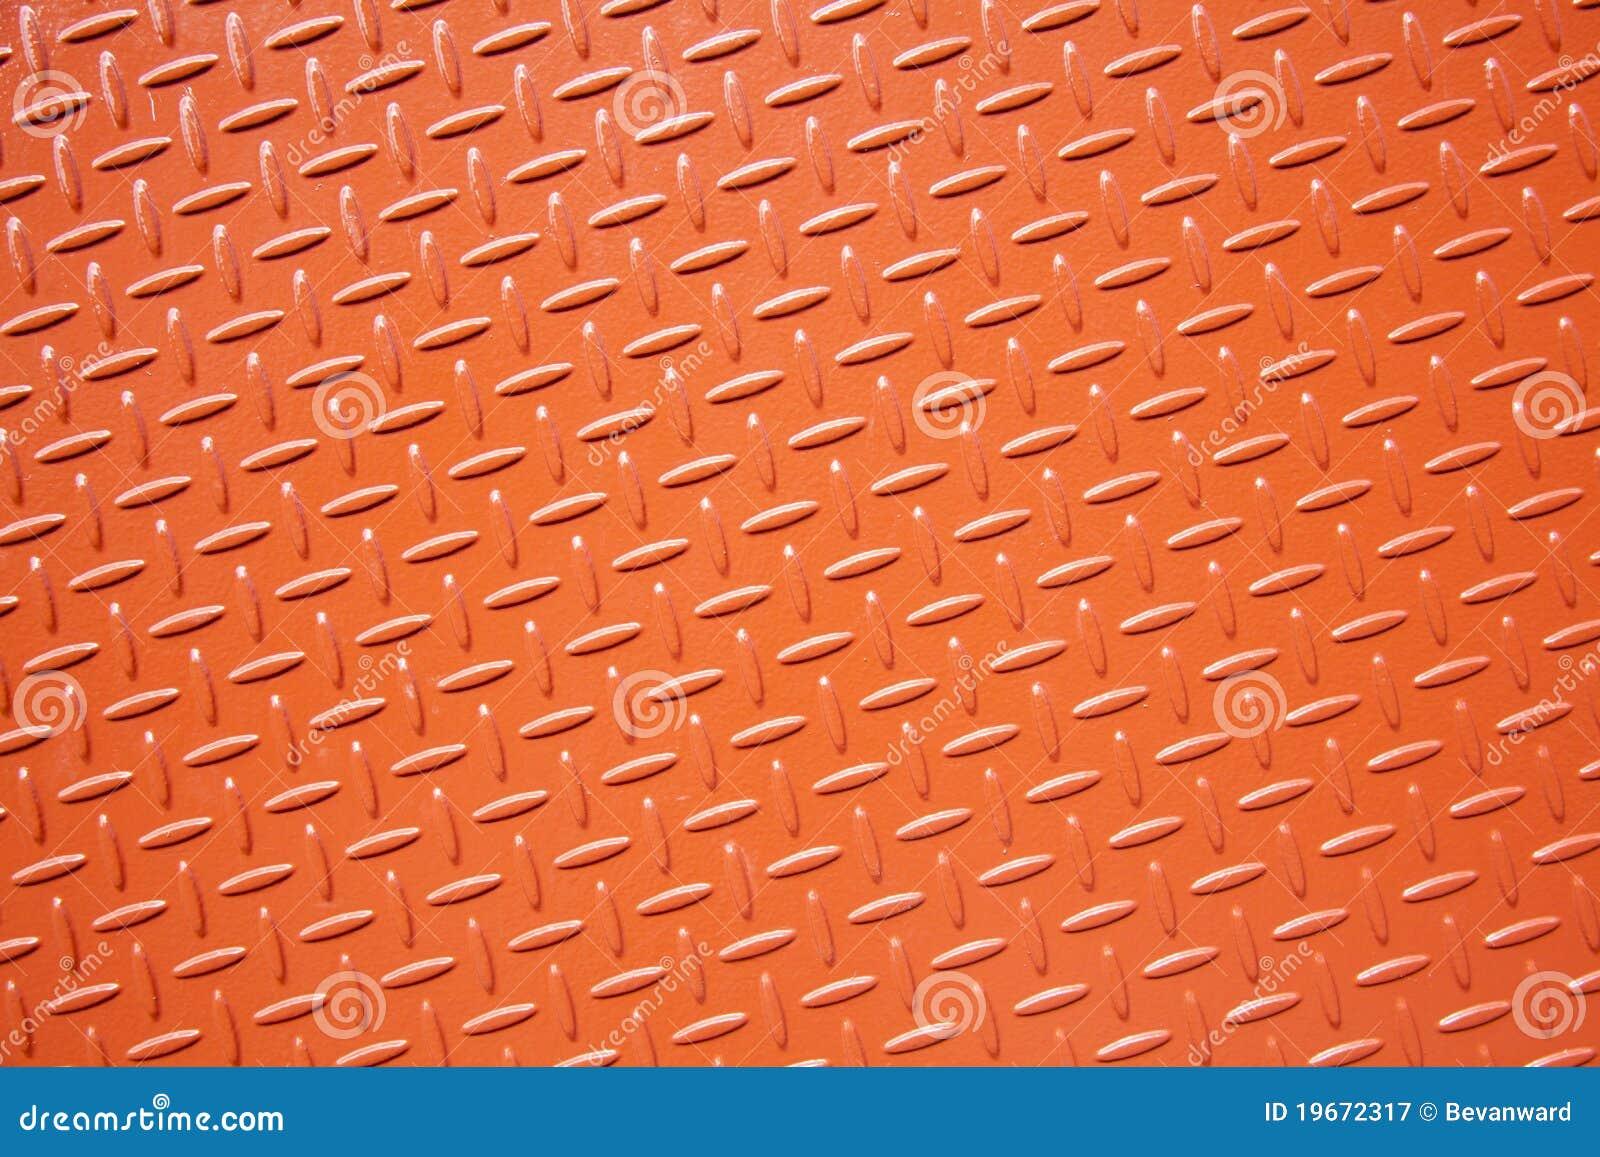 plaque en acier texturis e orange photographie stock libre. Black Bedroom Furniture Sets. Home Design Ideas